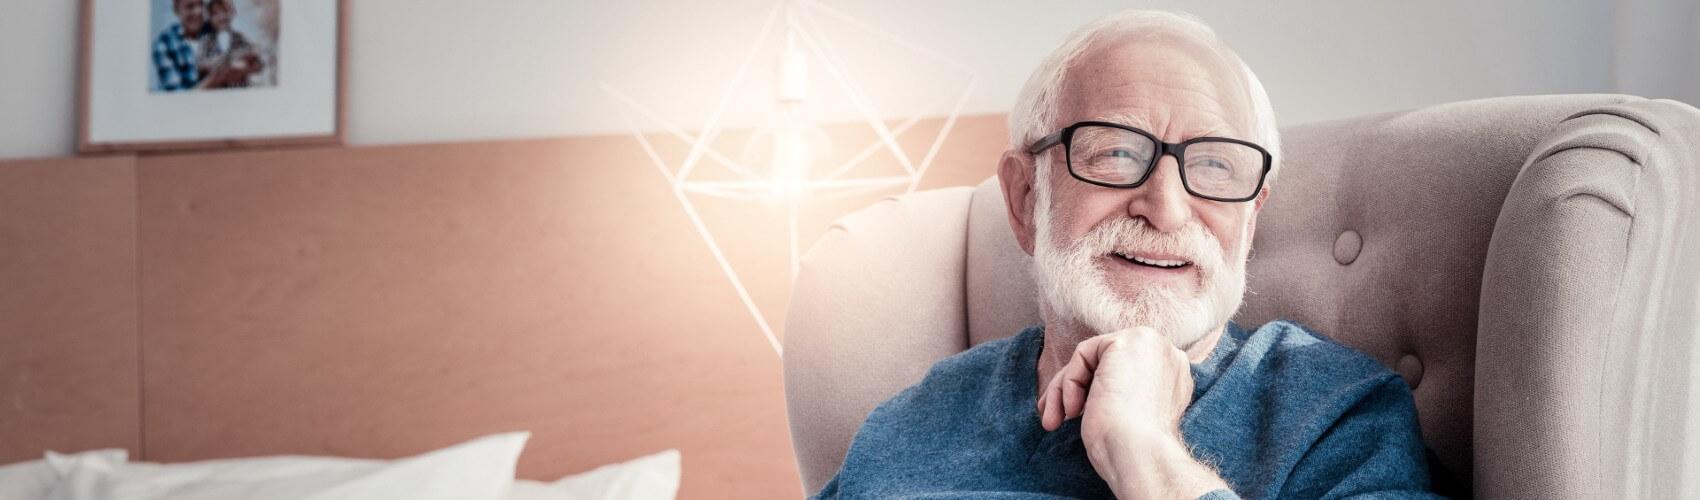 Retner-freut-sich-ueber-Pflegeversicherung